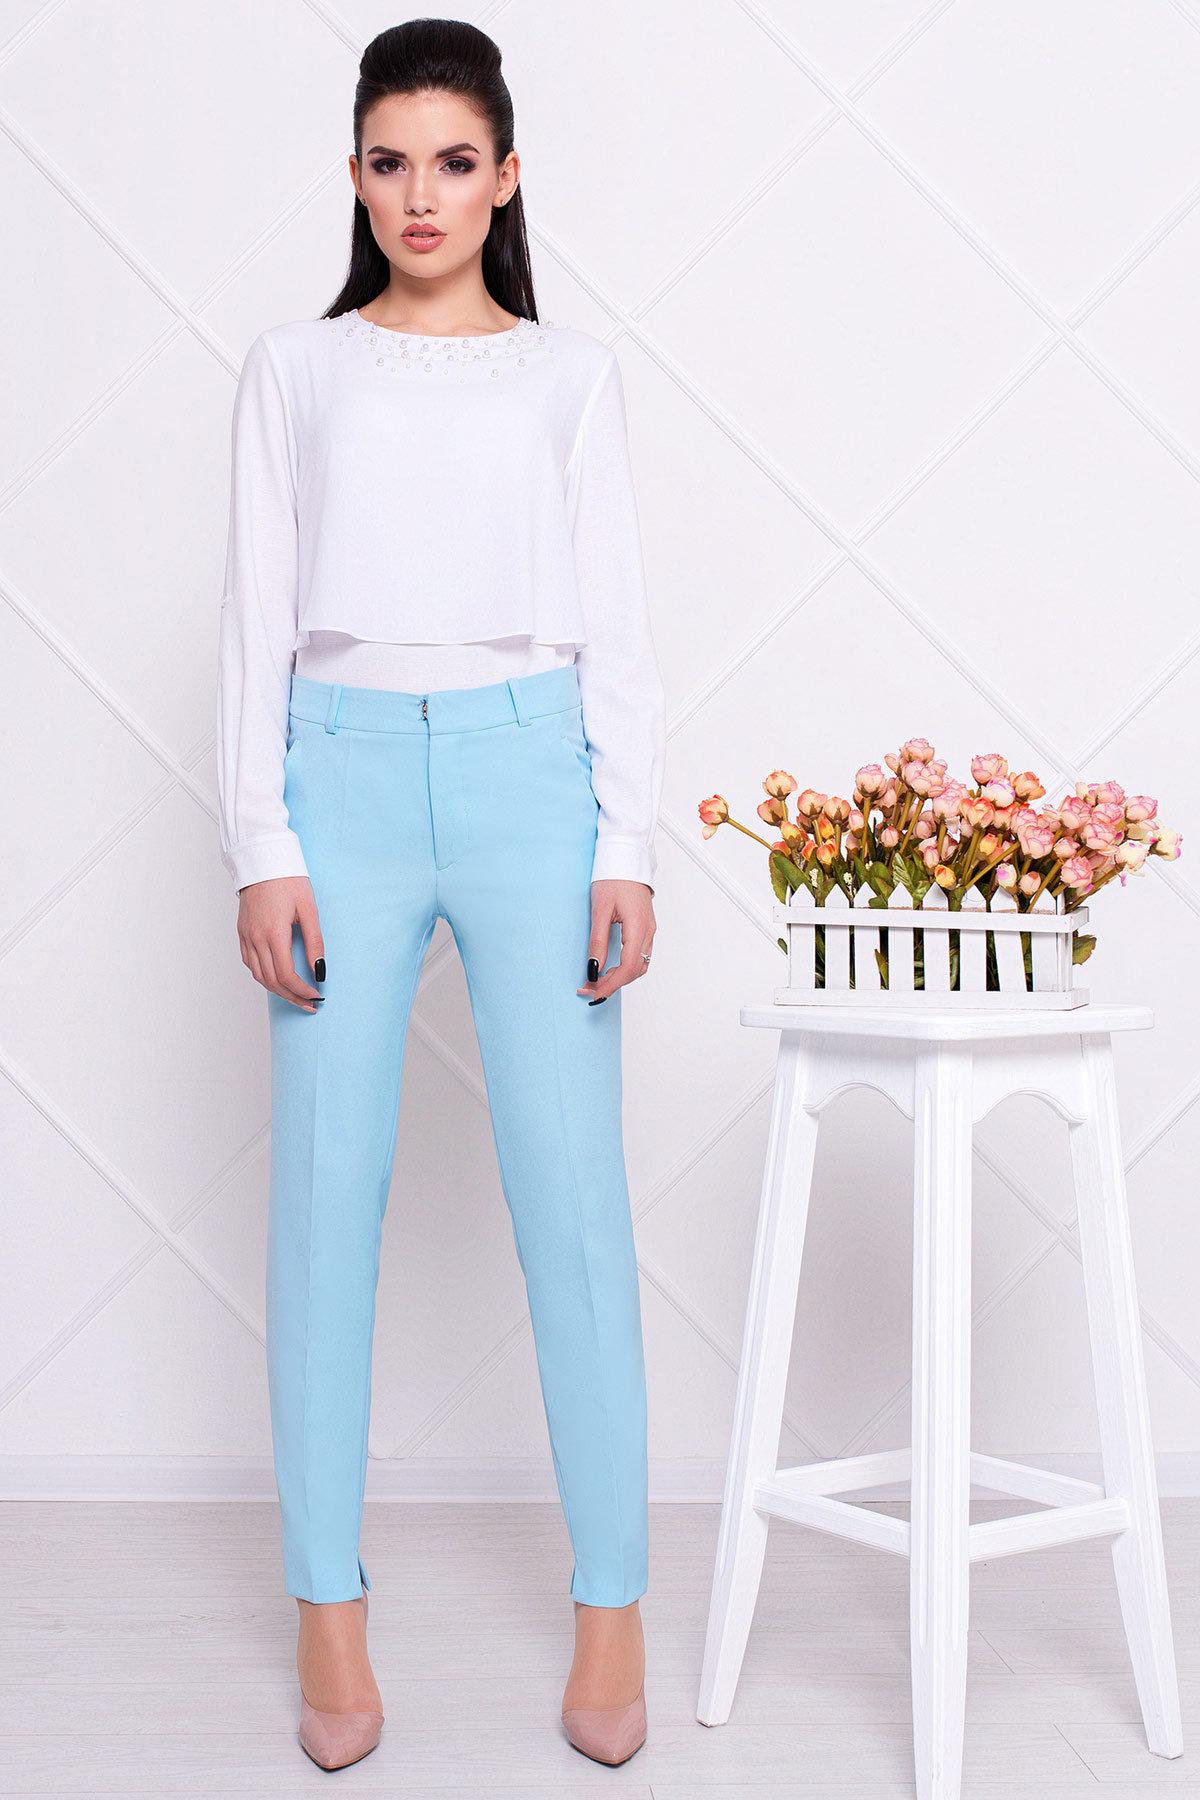 купить женские брюки оптом Базовые брюки со стрелками Эдвин 2467